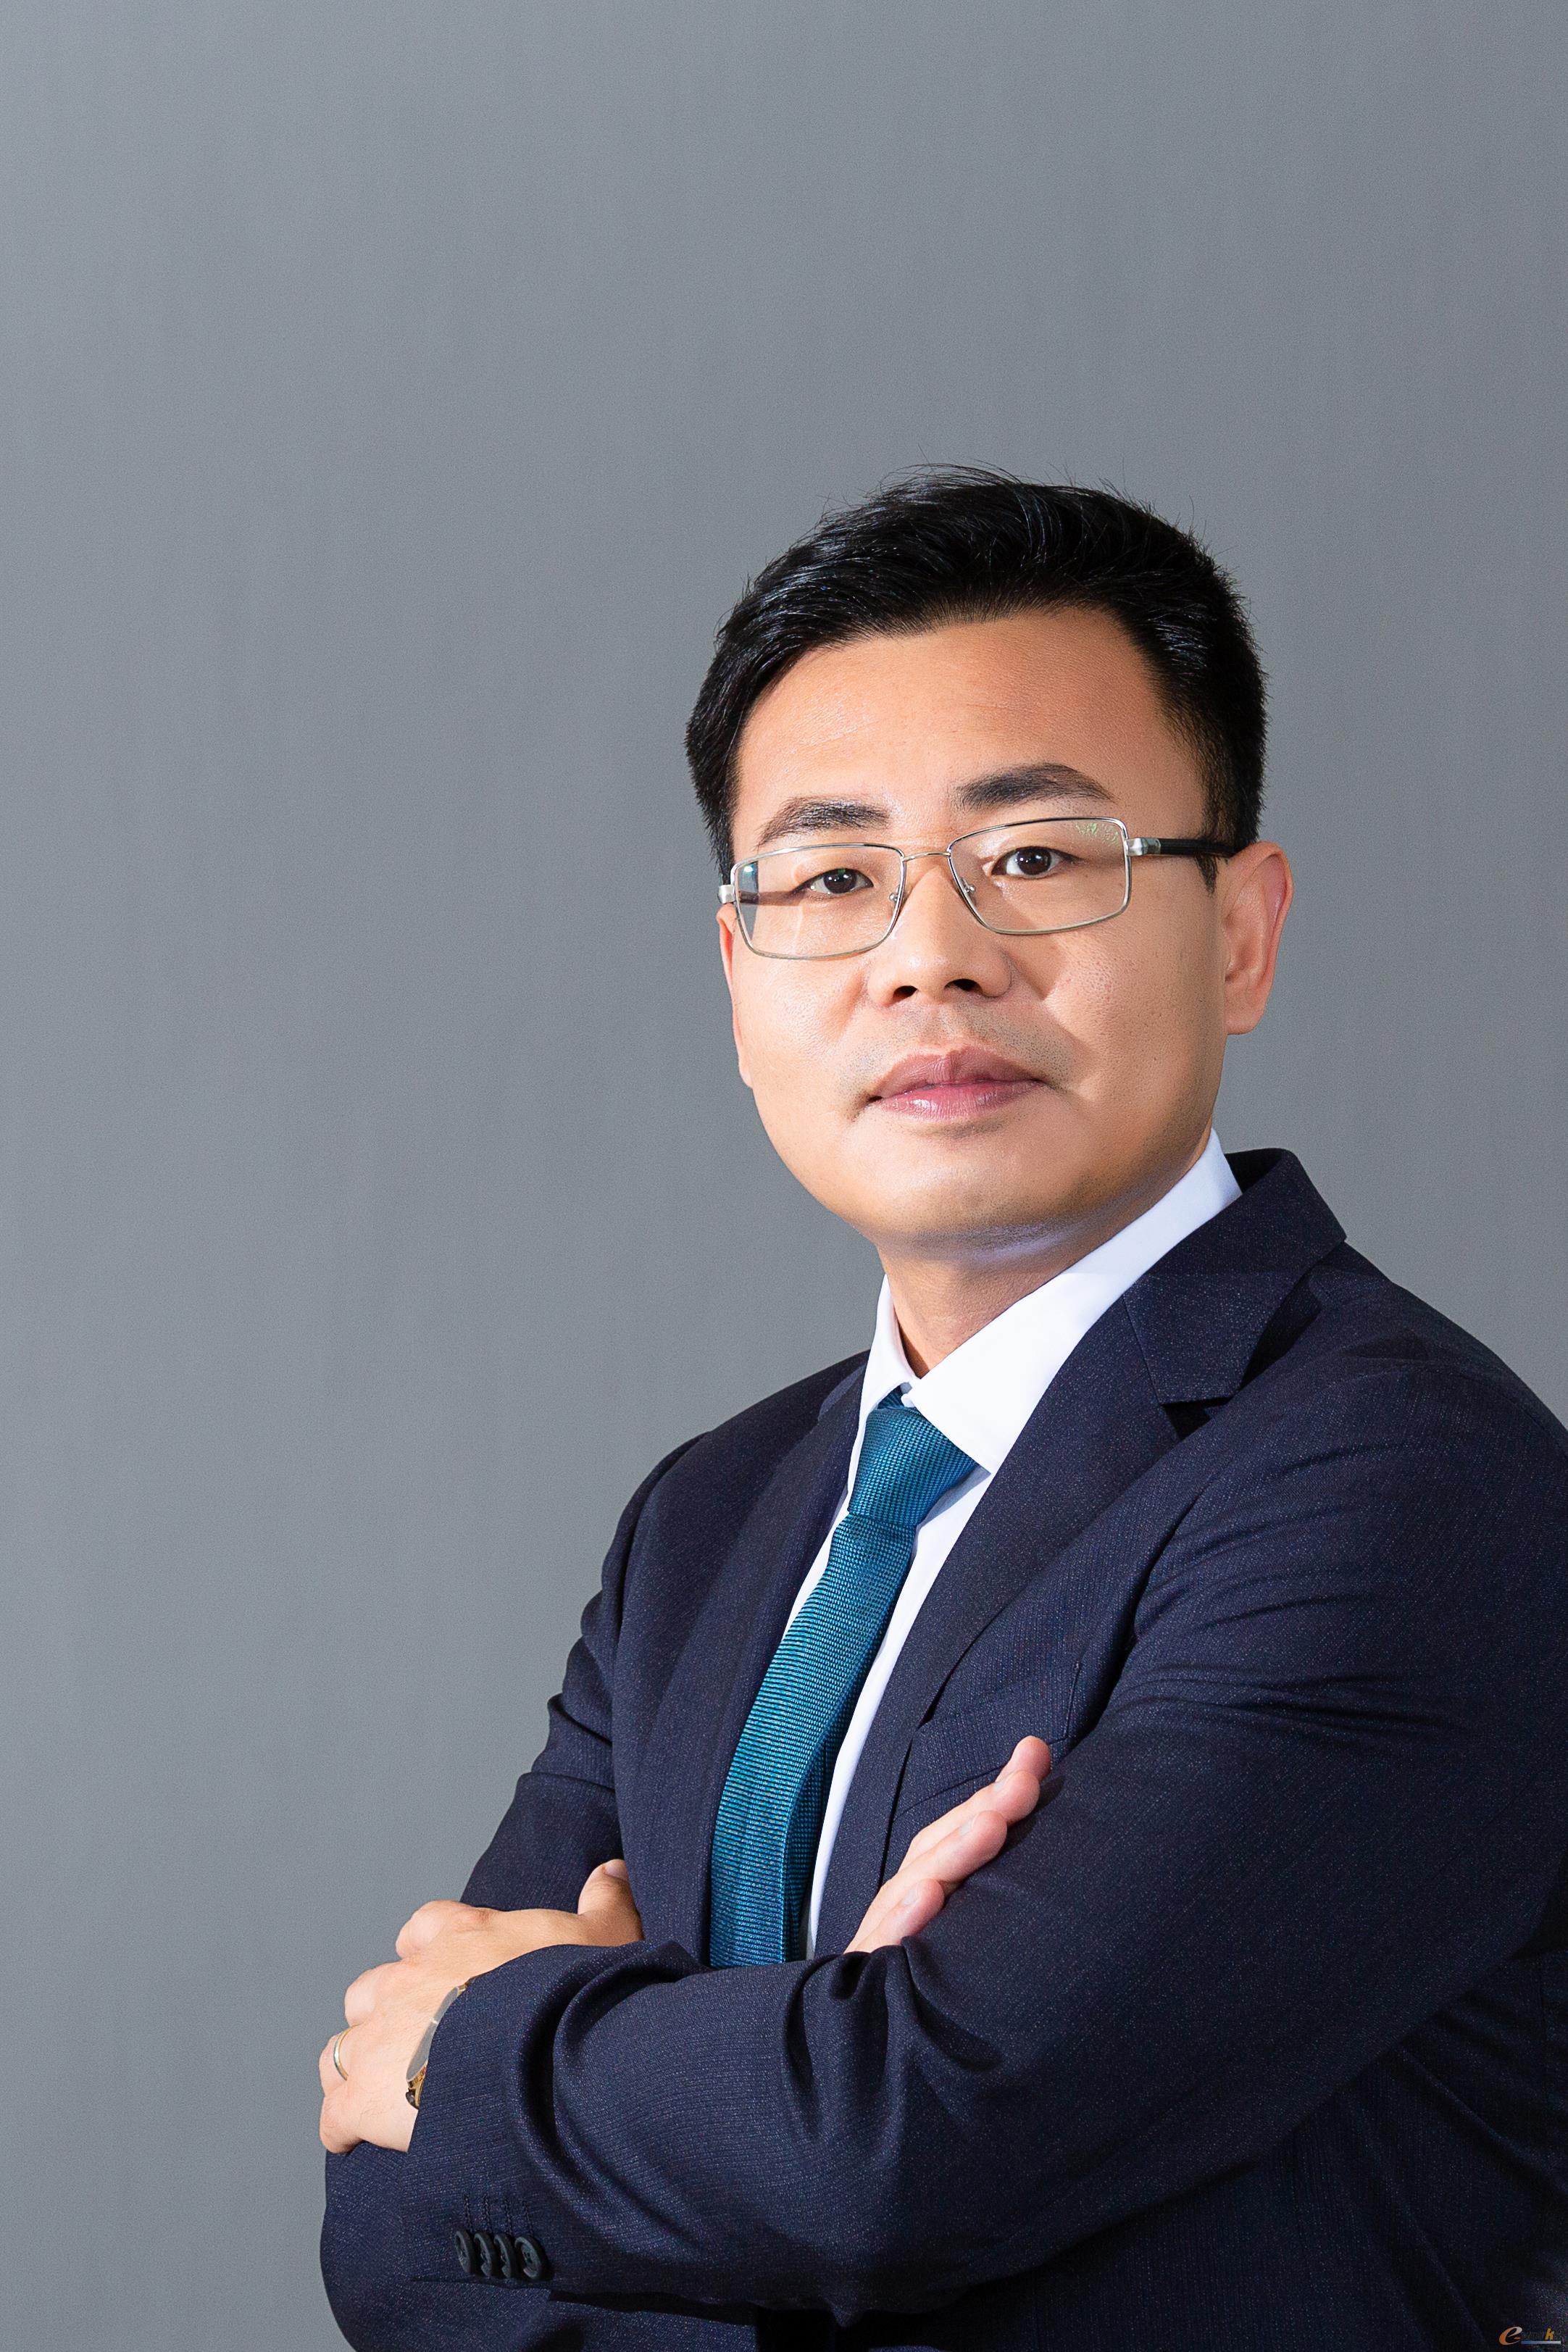 海克斯康制造智能集团 大中华区执行总裁 郝健